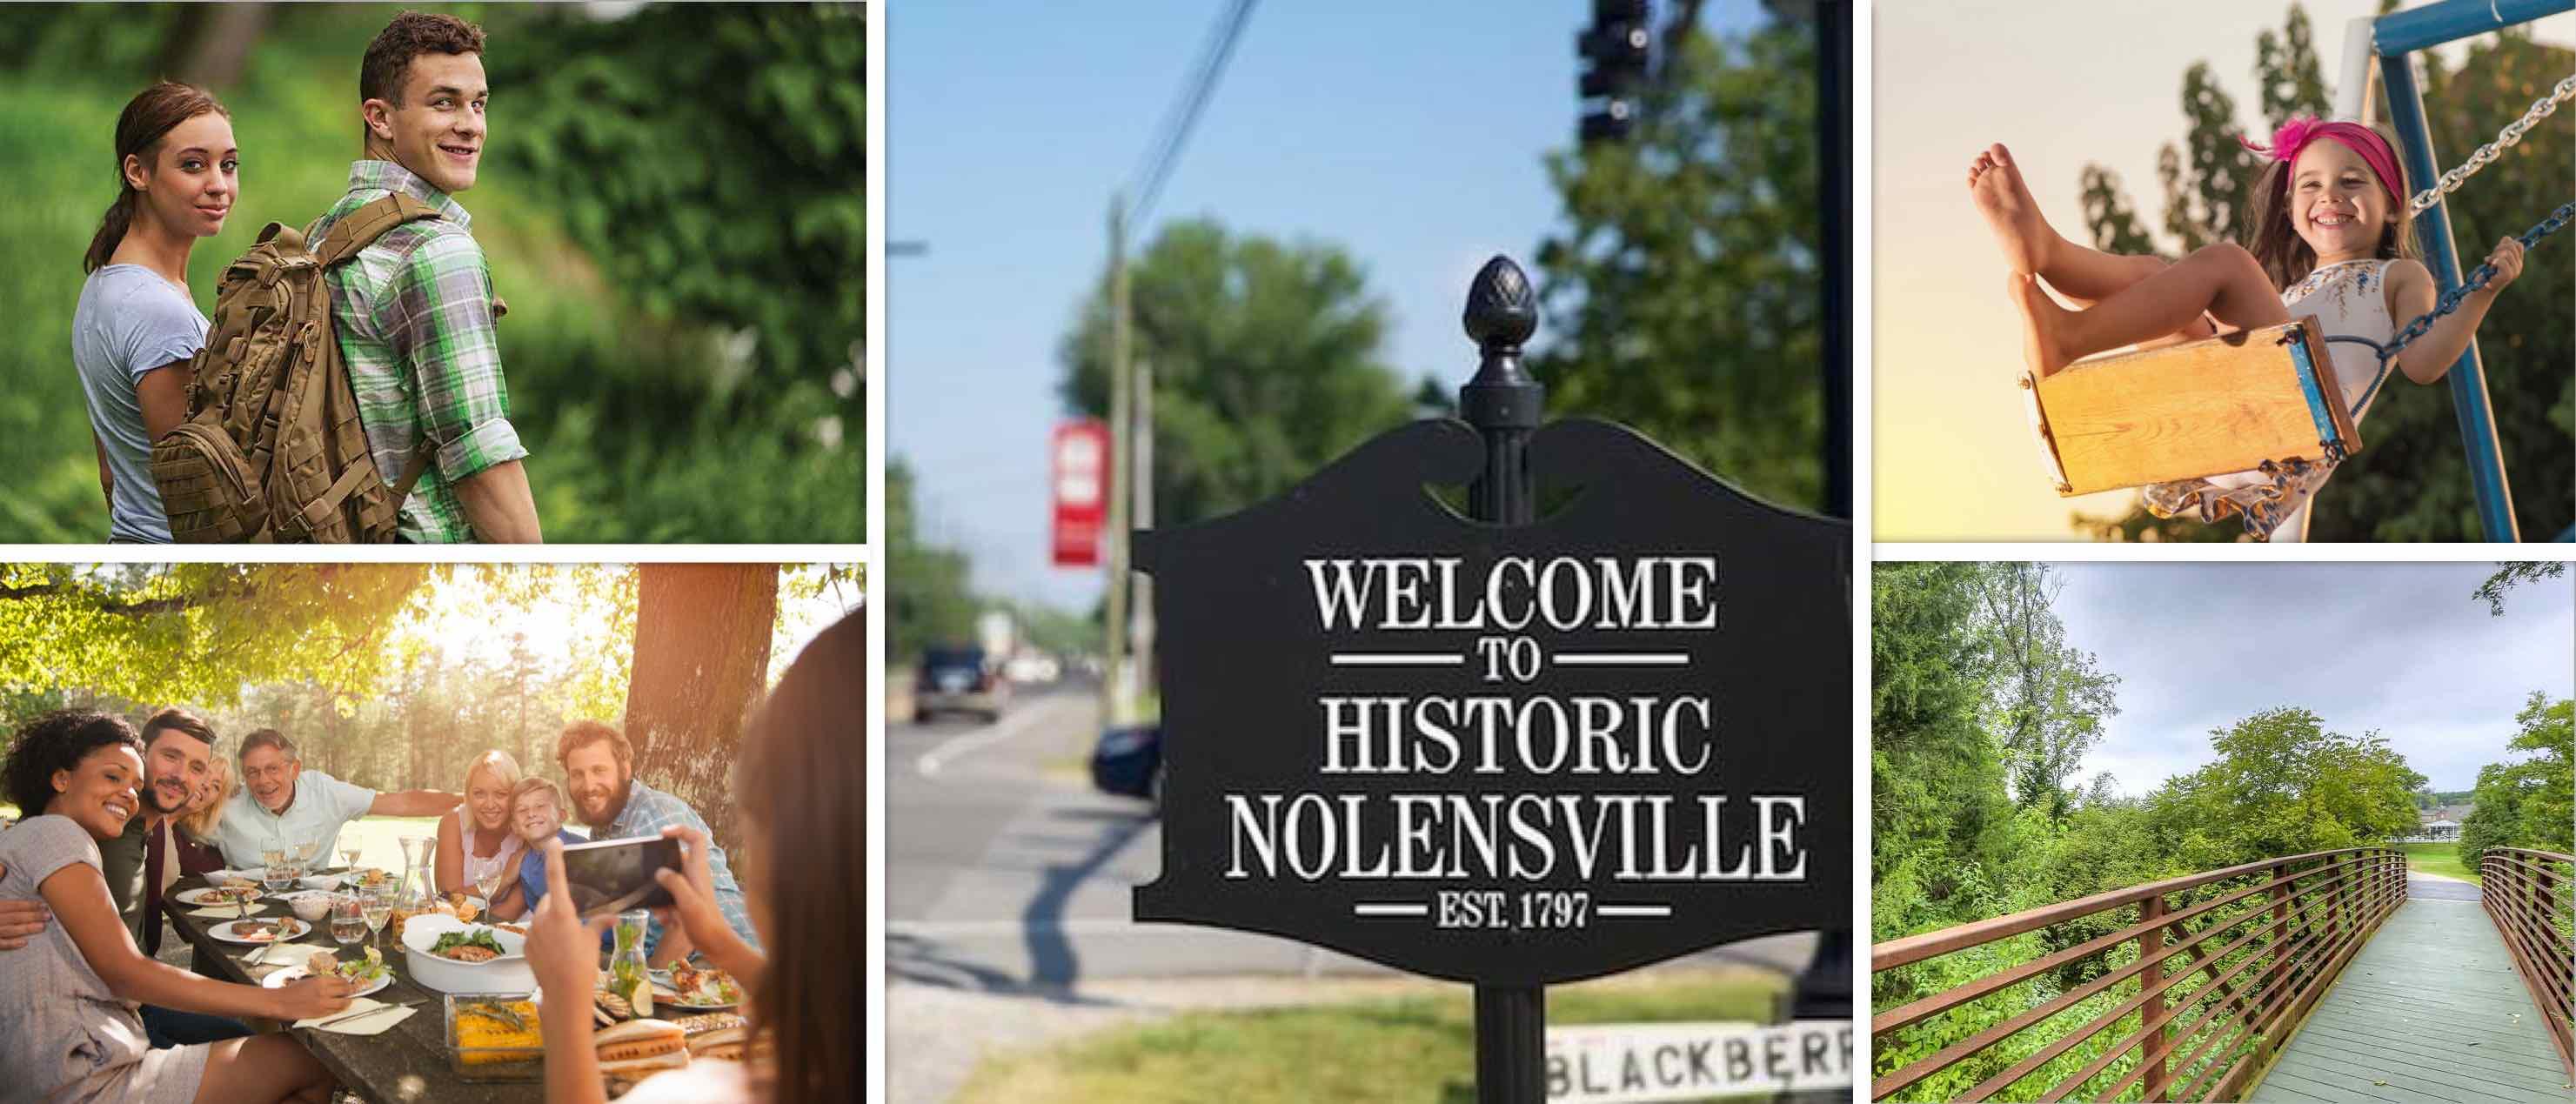 New community in Nolensville, TN